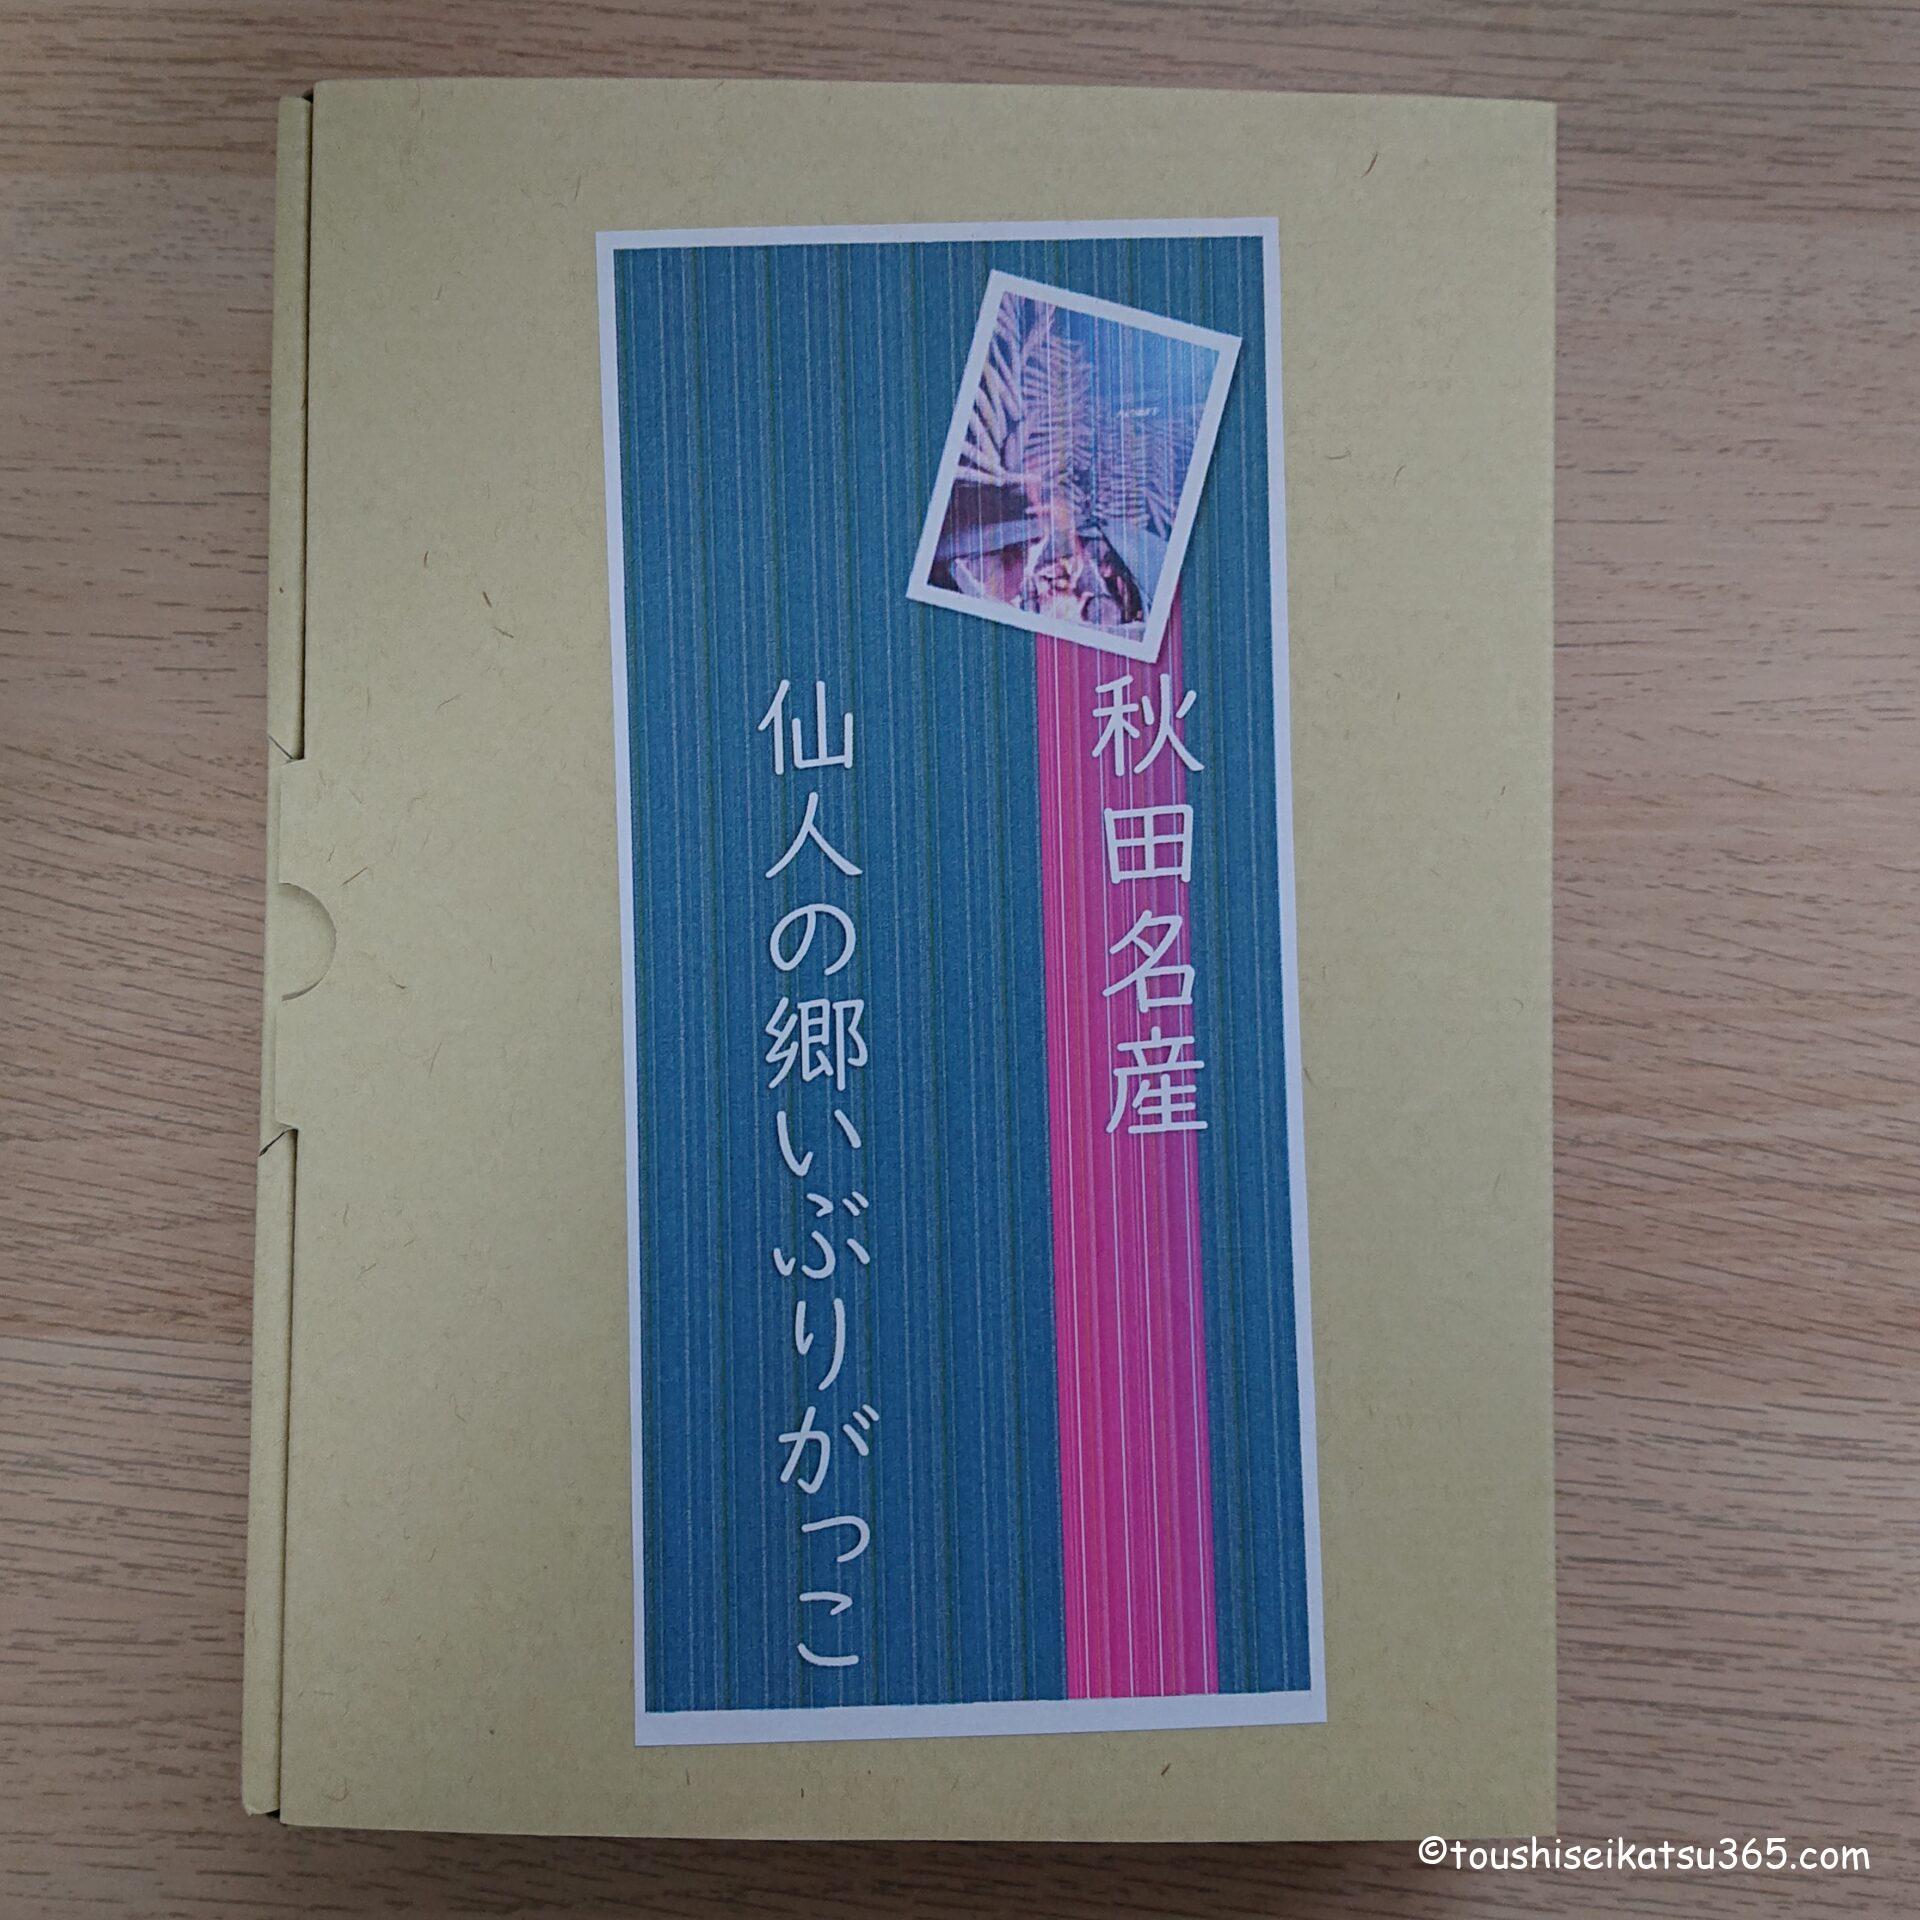 秋田県東成瀬村 返礼品のいぶりがっこ